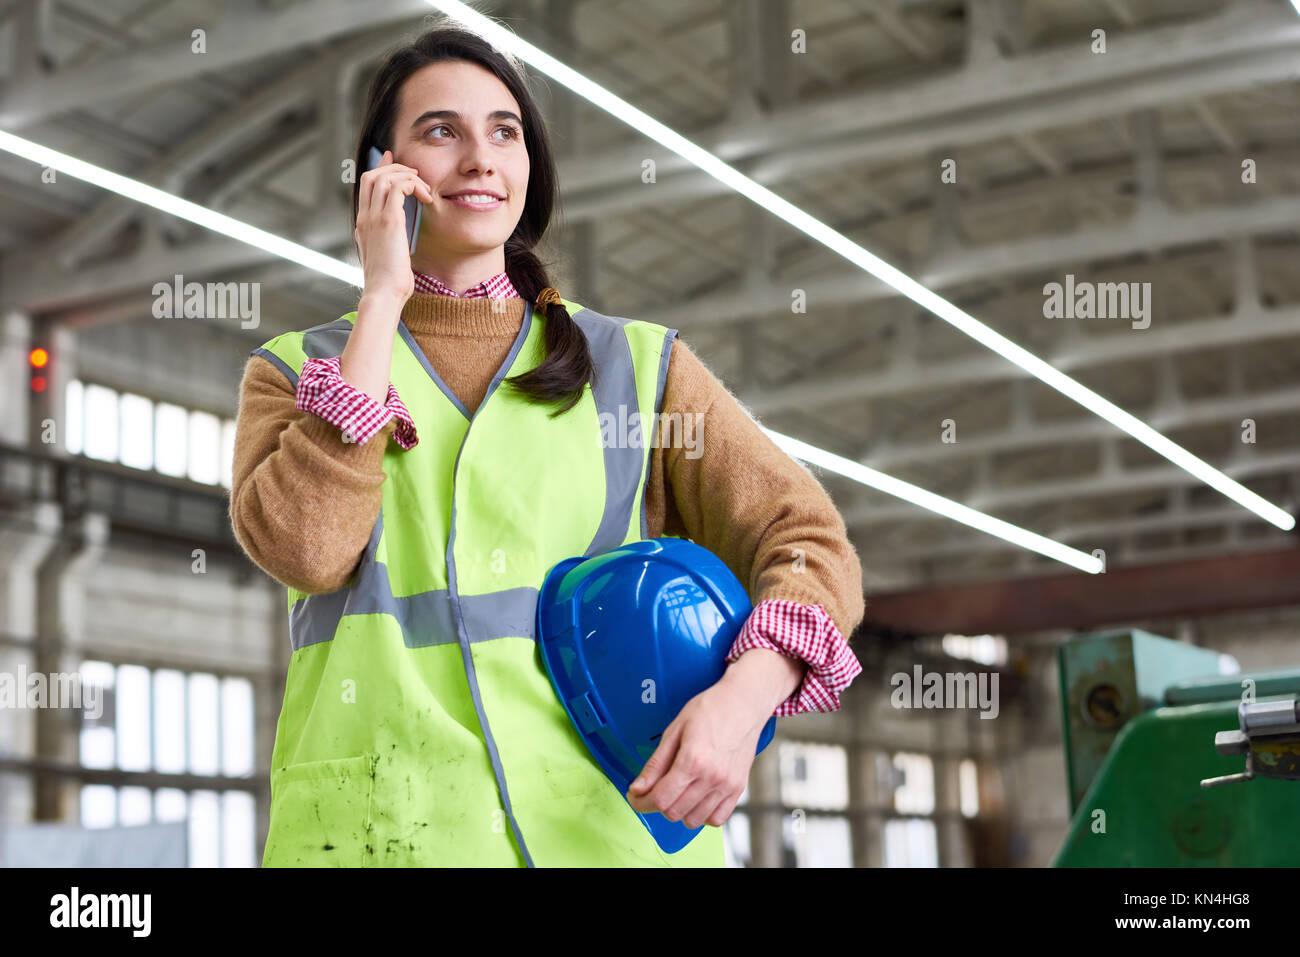 Cintura-up retrato de técnico sonriente Imagen De Stock